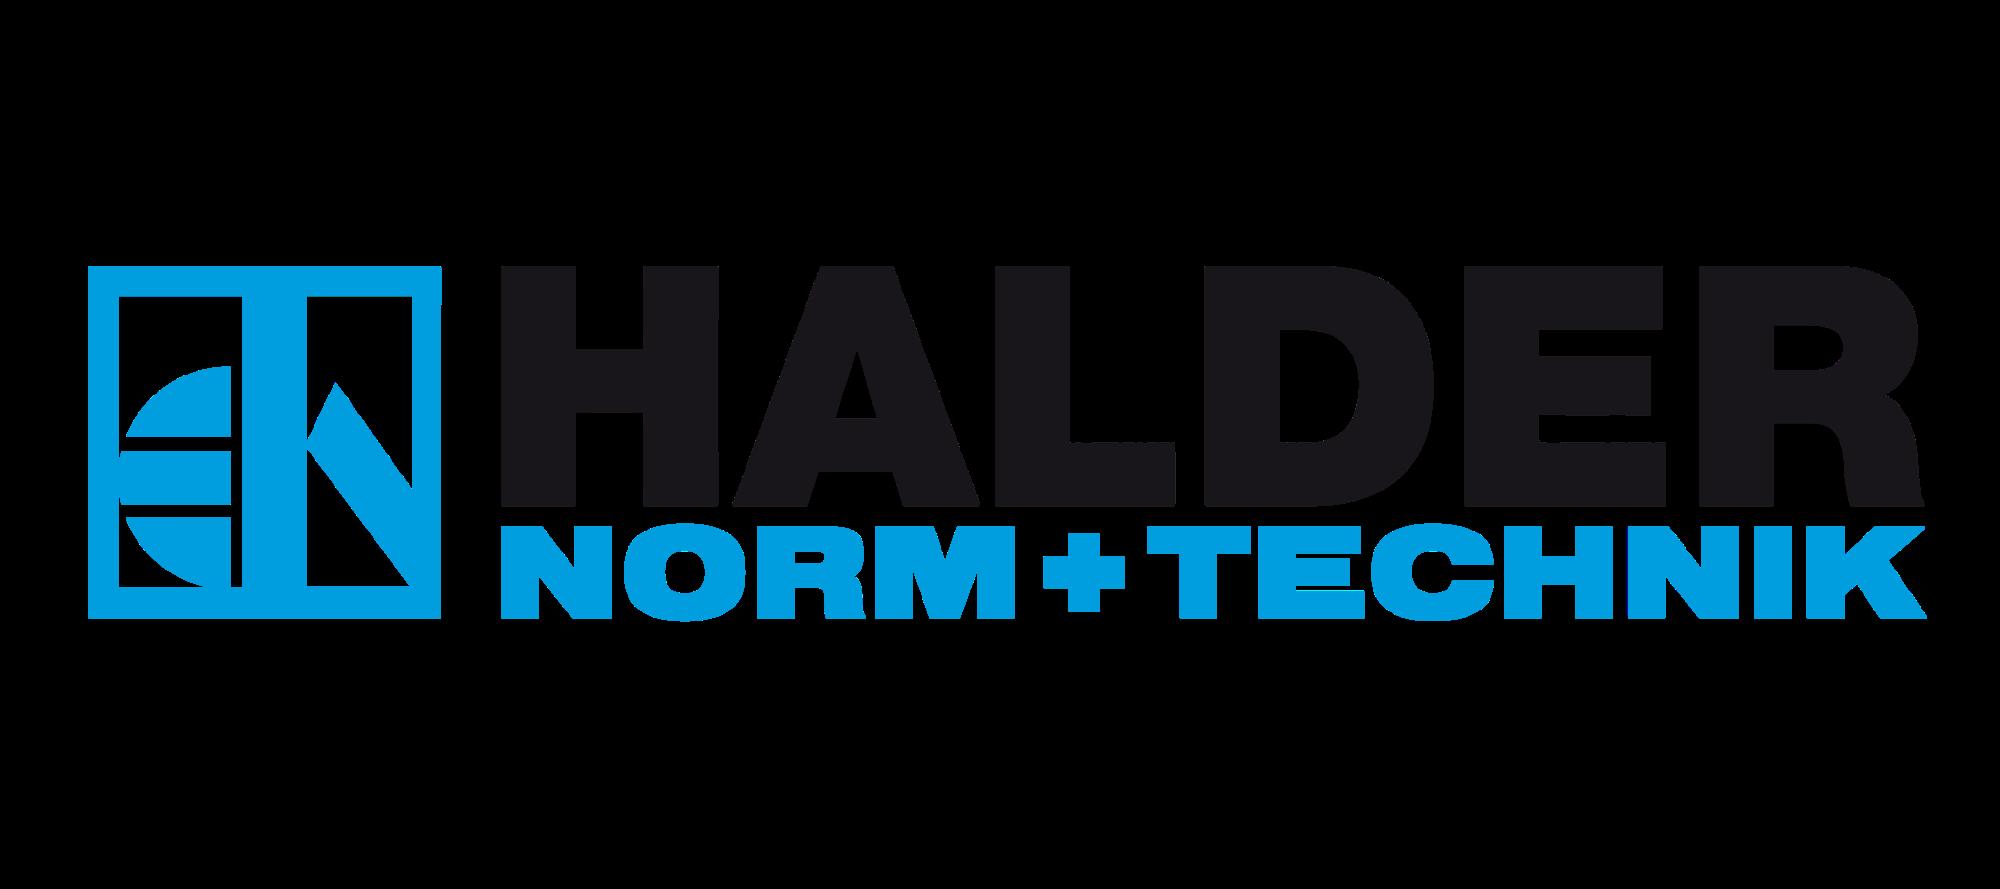 Halder-哈尔德